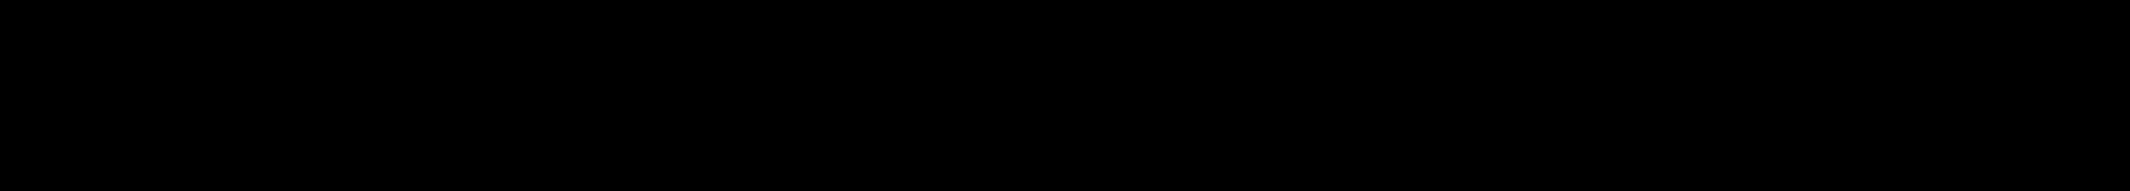 Sommet Serif Bold Italic